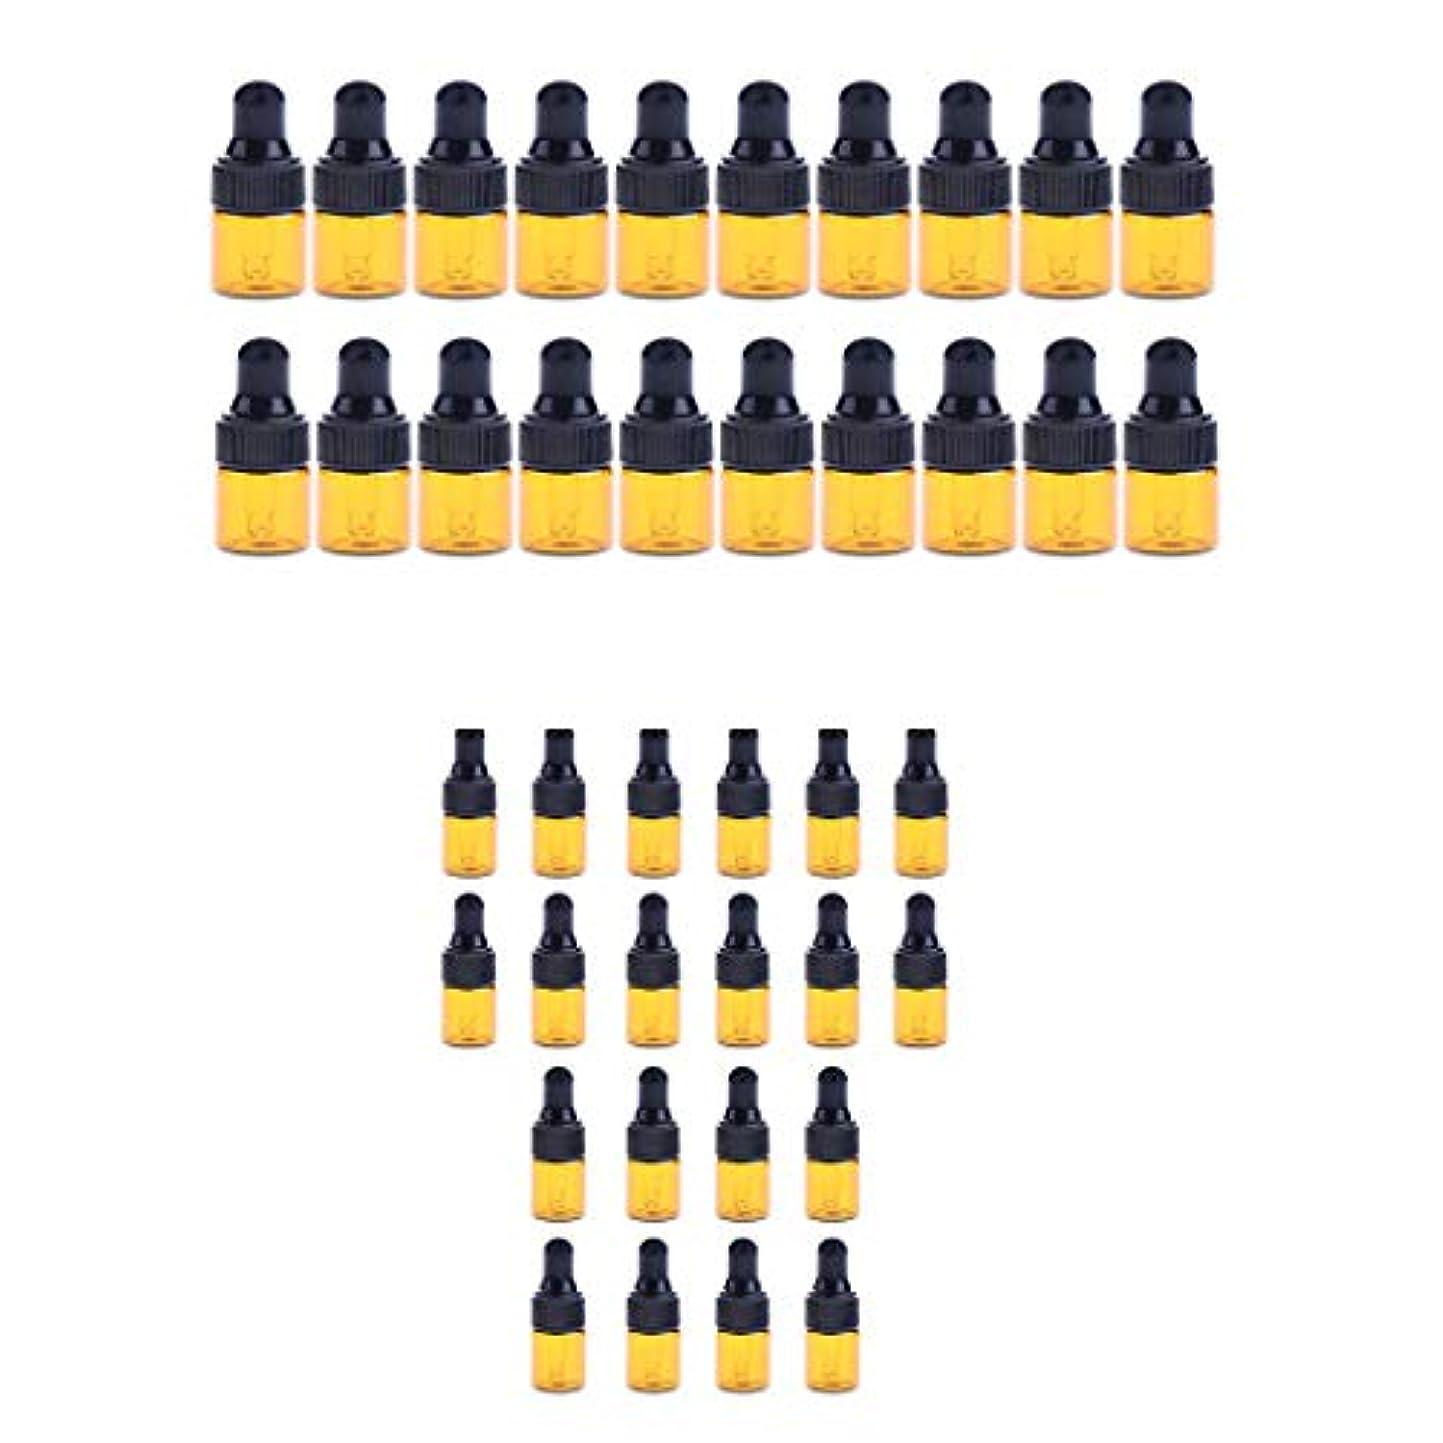 入り口カバーパッド小分けボトル スポイトボトル ガラス瓶 詰め替え 精油 香水 保存用 2ml / 3ml 40個入